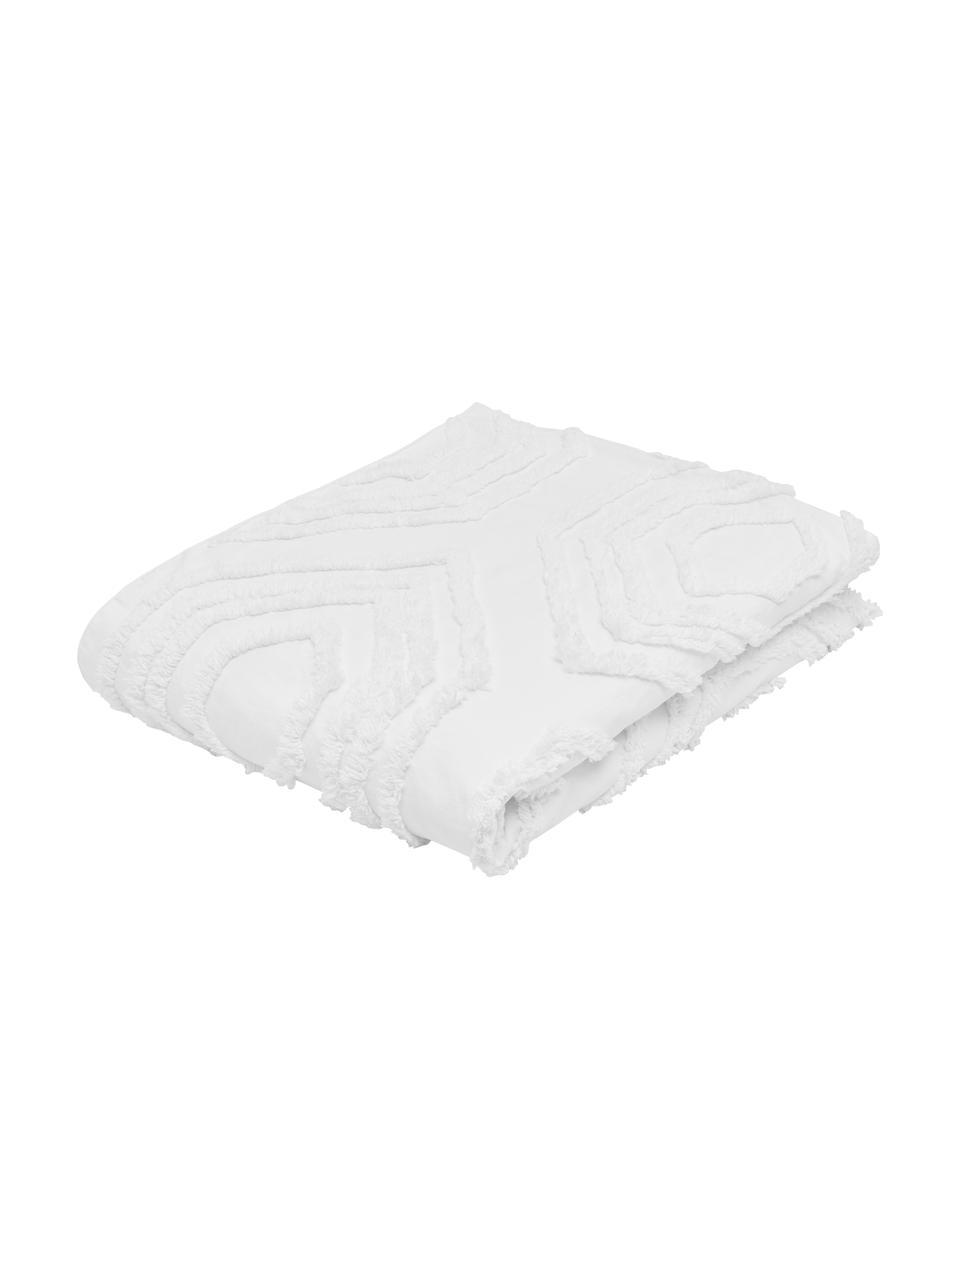 Narzuta z pikowanym wzorem Faith, 100% bawełna, Biały, S 160 x D 220 cm (na łóżka do 140 x 200)